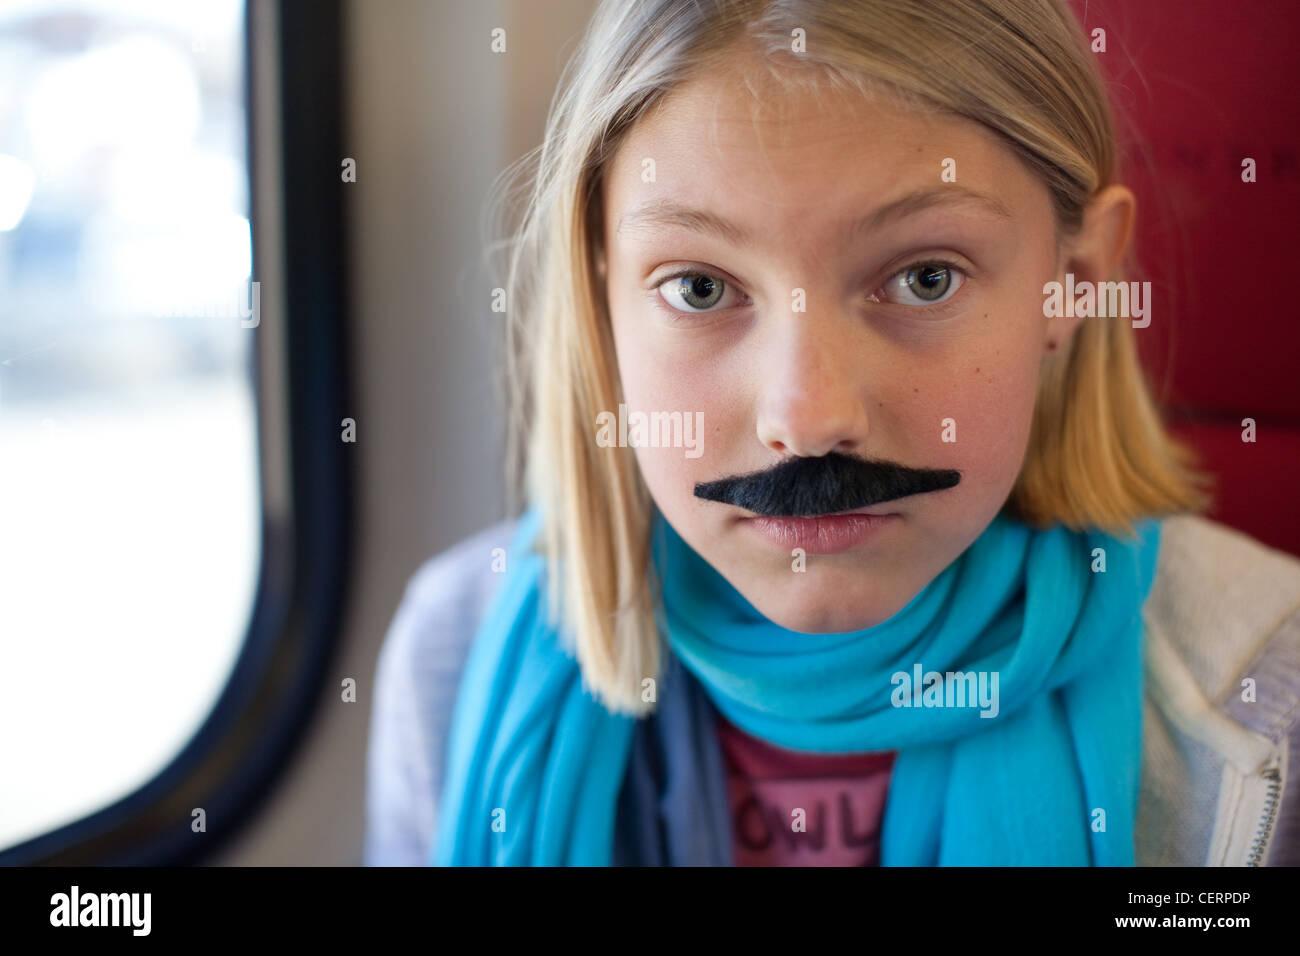 Dix ans, fille, et porte une moustache. Photo Stock